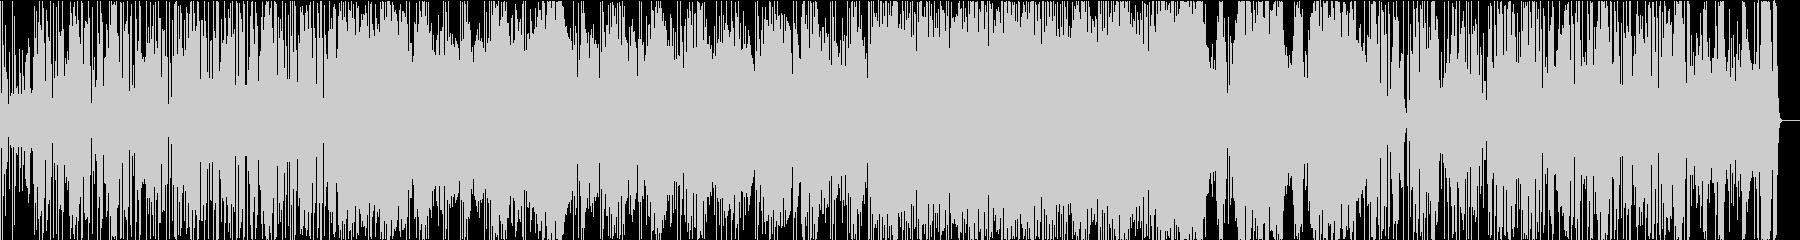 ジャズ・ファンクテイストのギターインストの未再生の波形